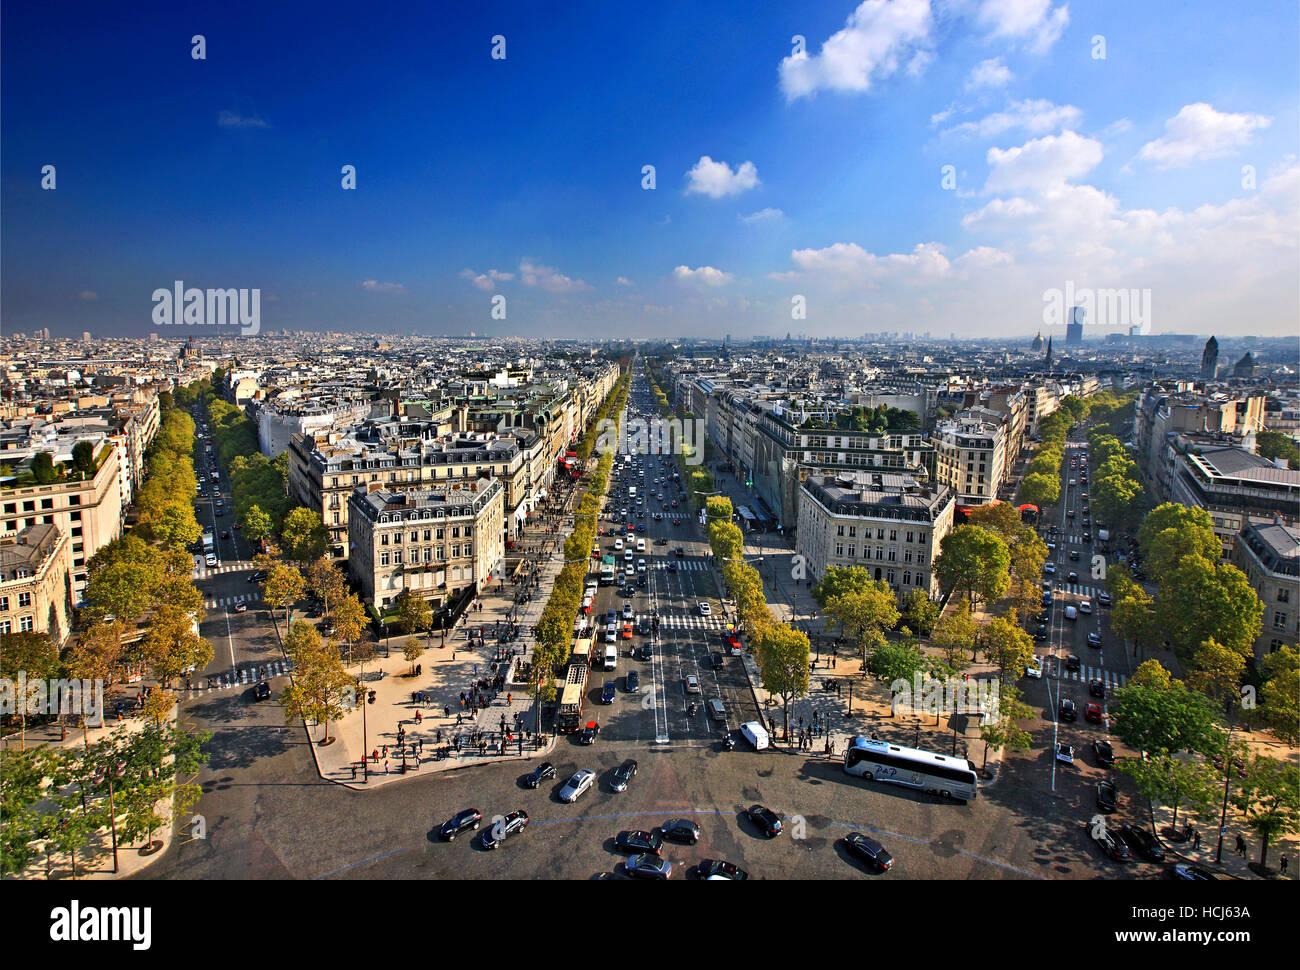 The Champs-Élysées as seen from the Arc de Triomphe (Arch of Triumph), Paris, France. - Stock Image